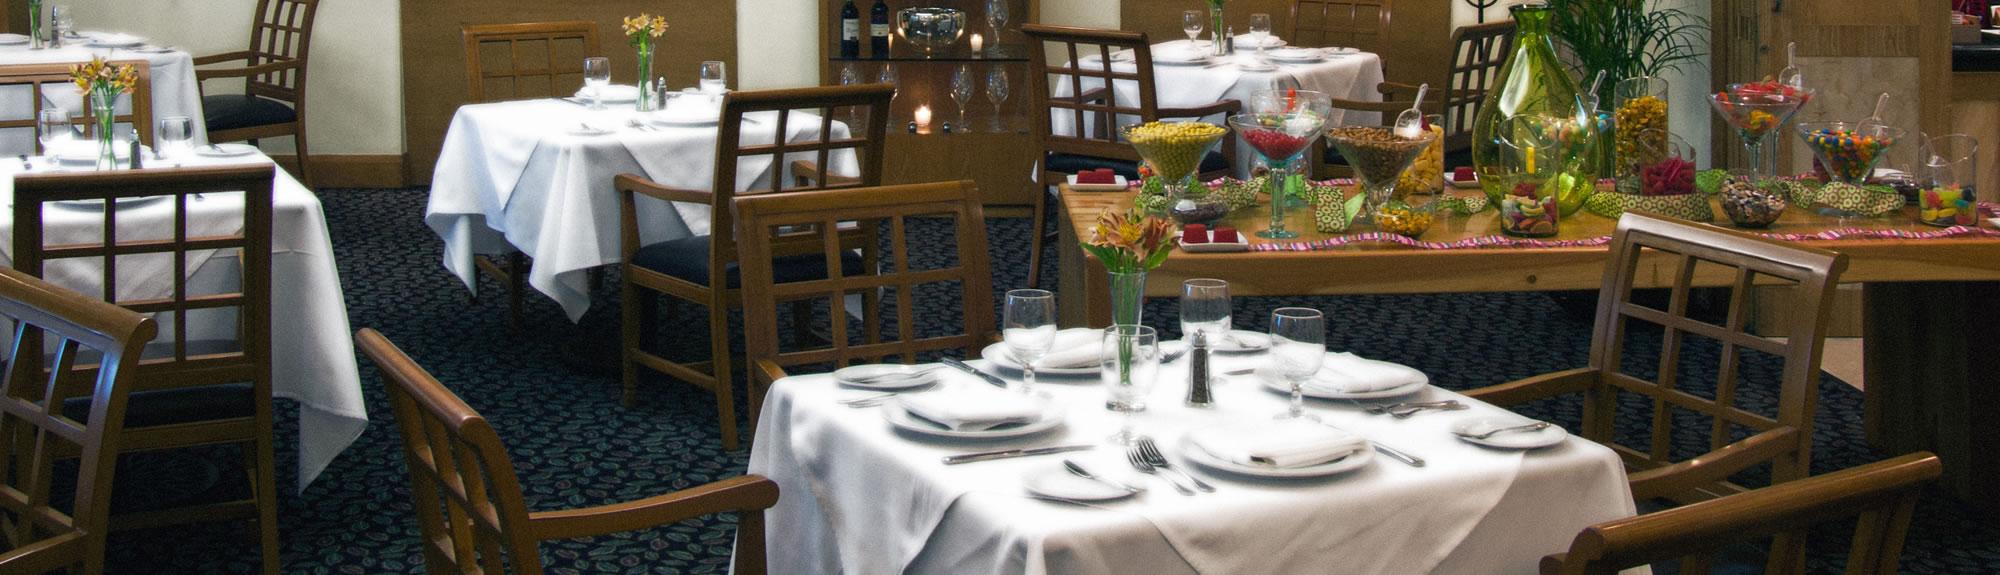 Hotel 5 estrellas en Guadalaja